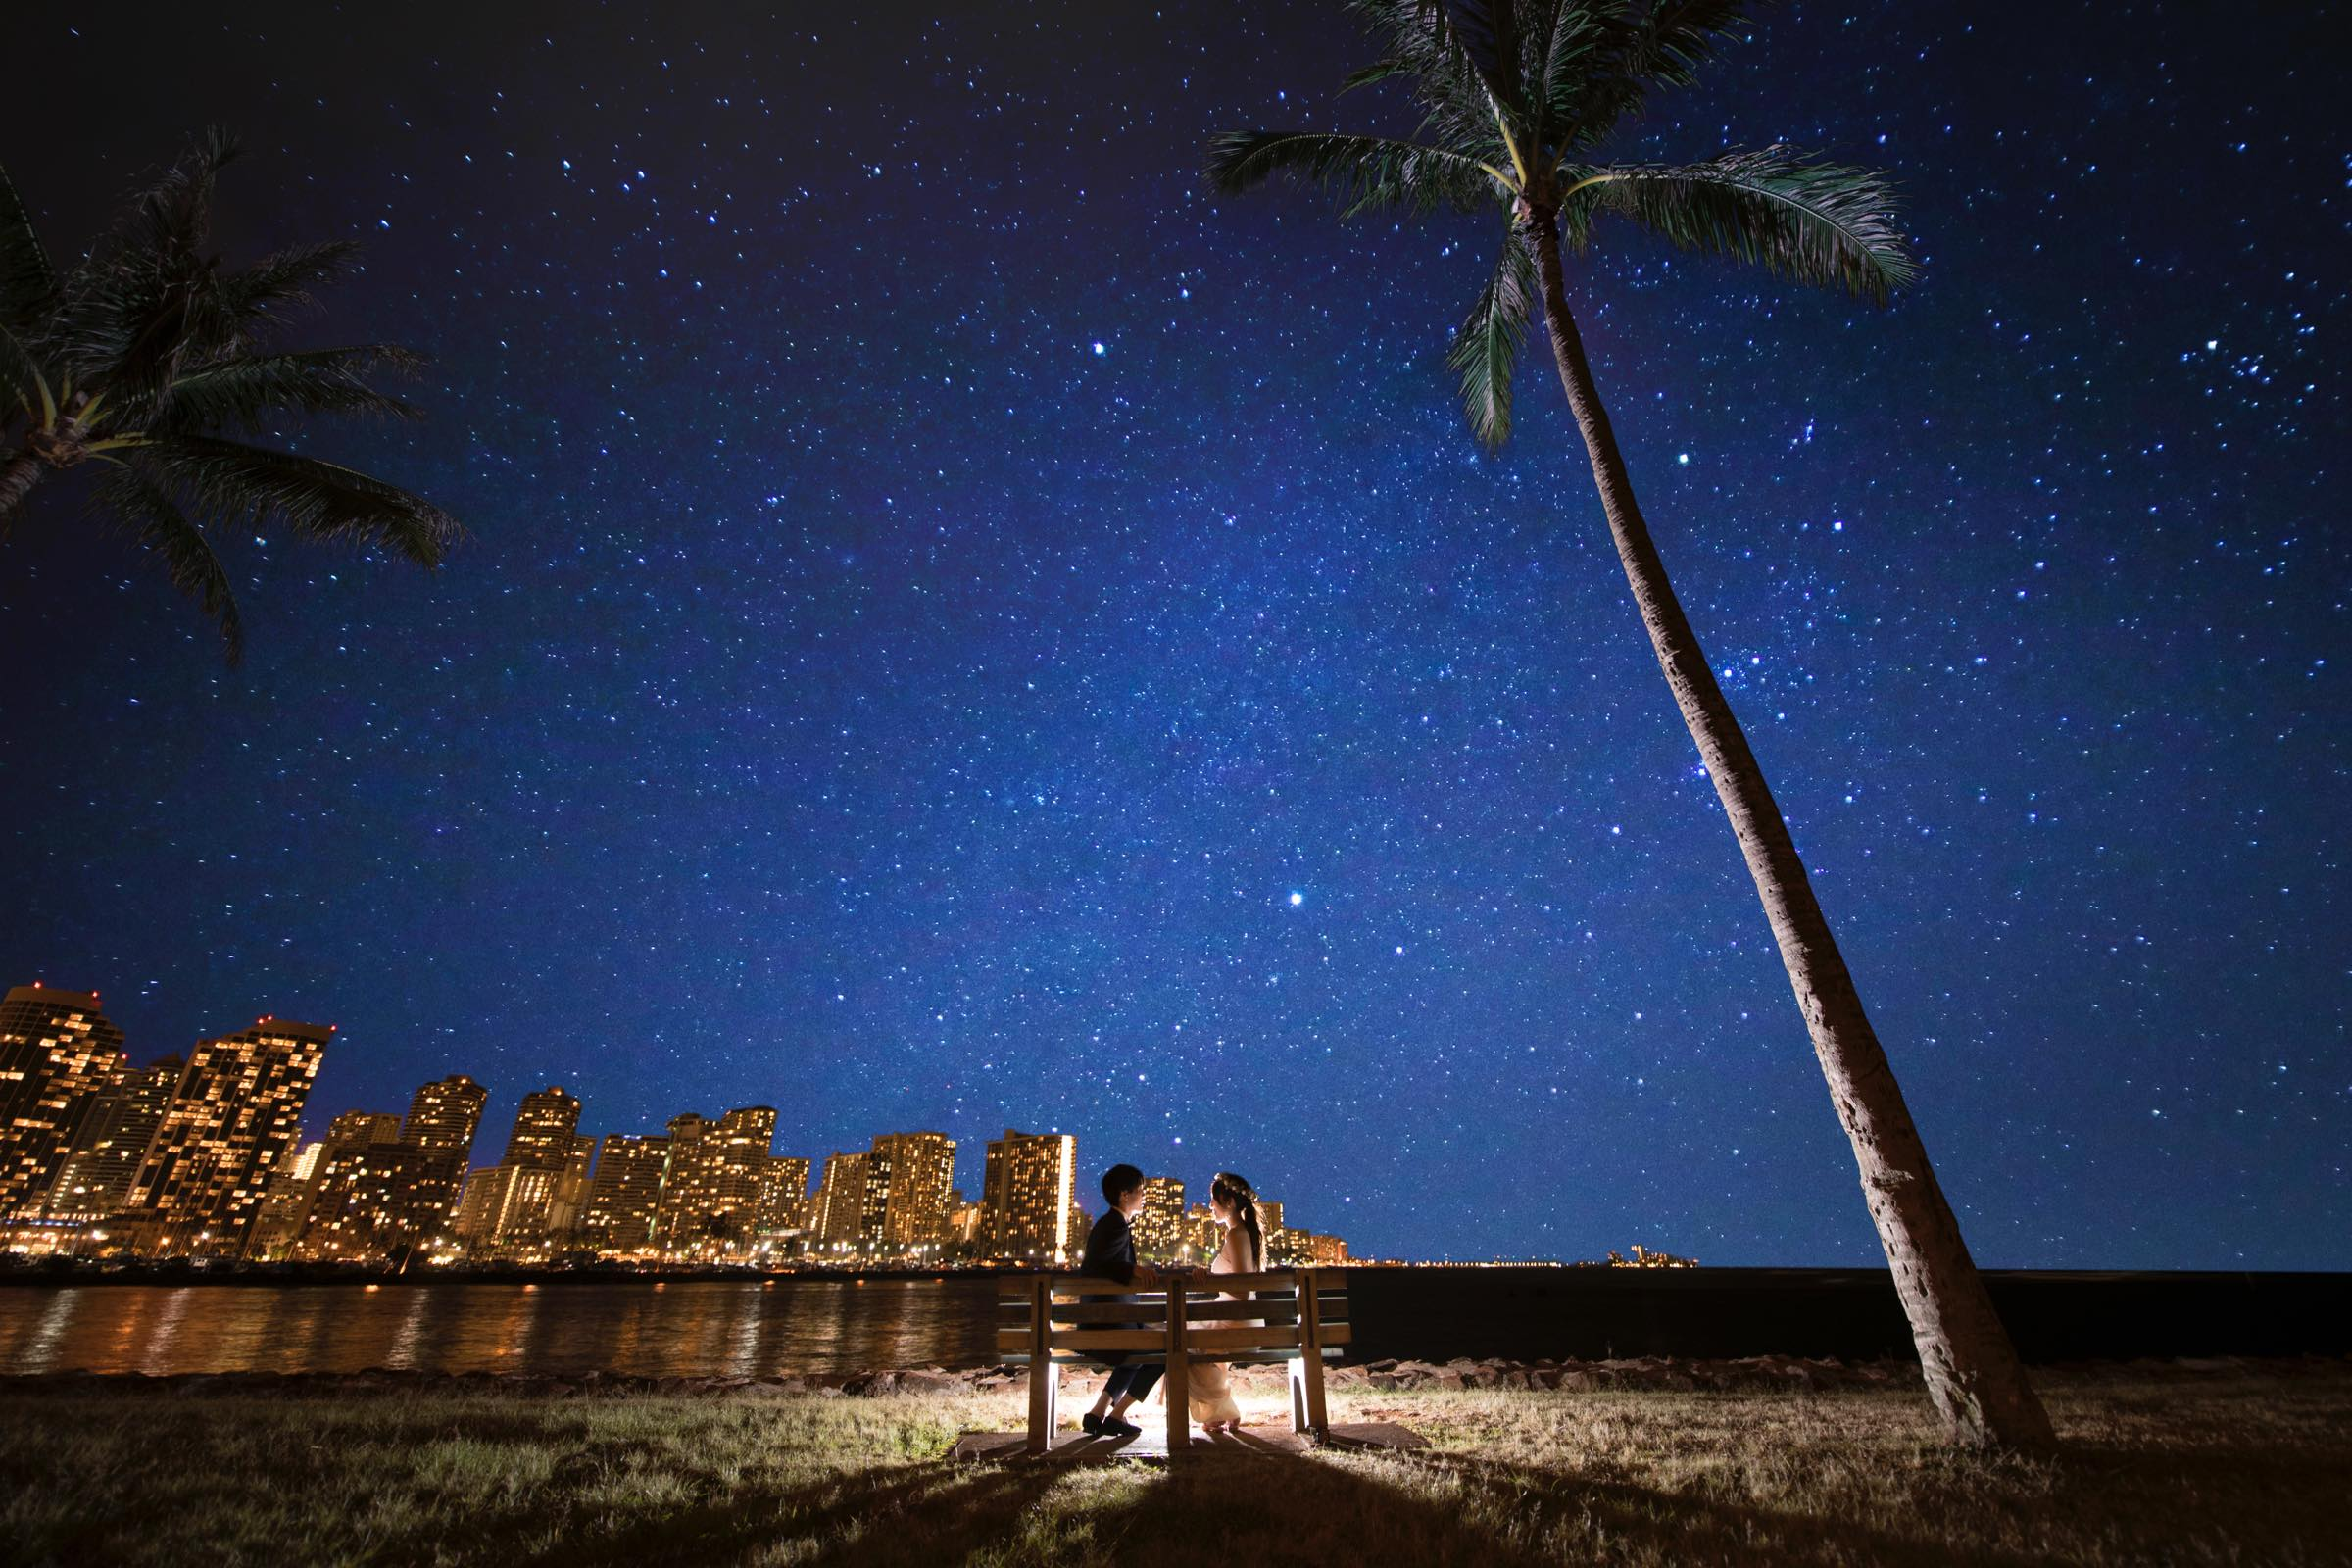 星空@aramoana beach